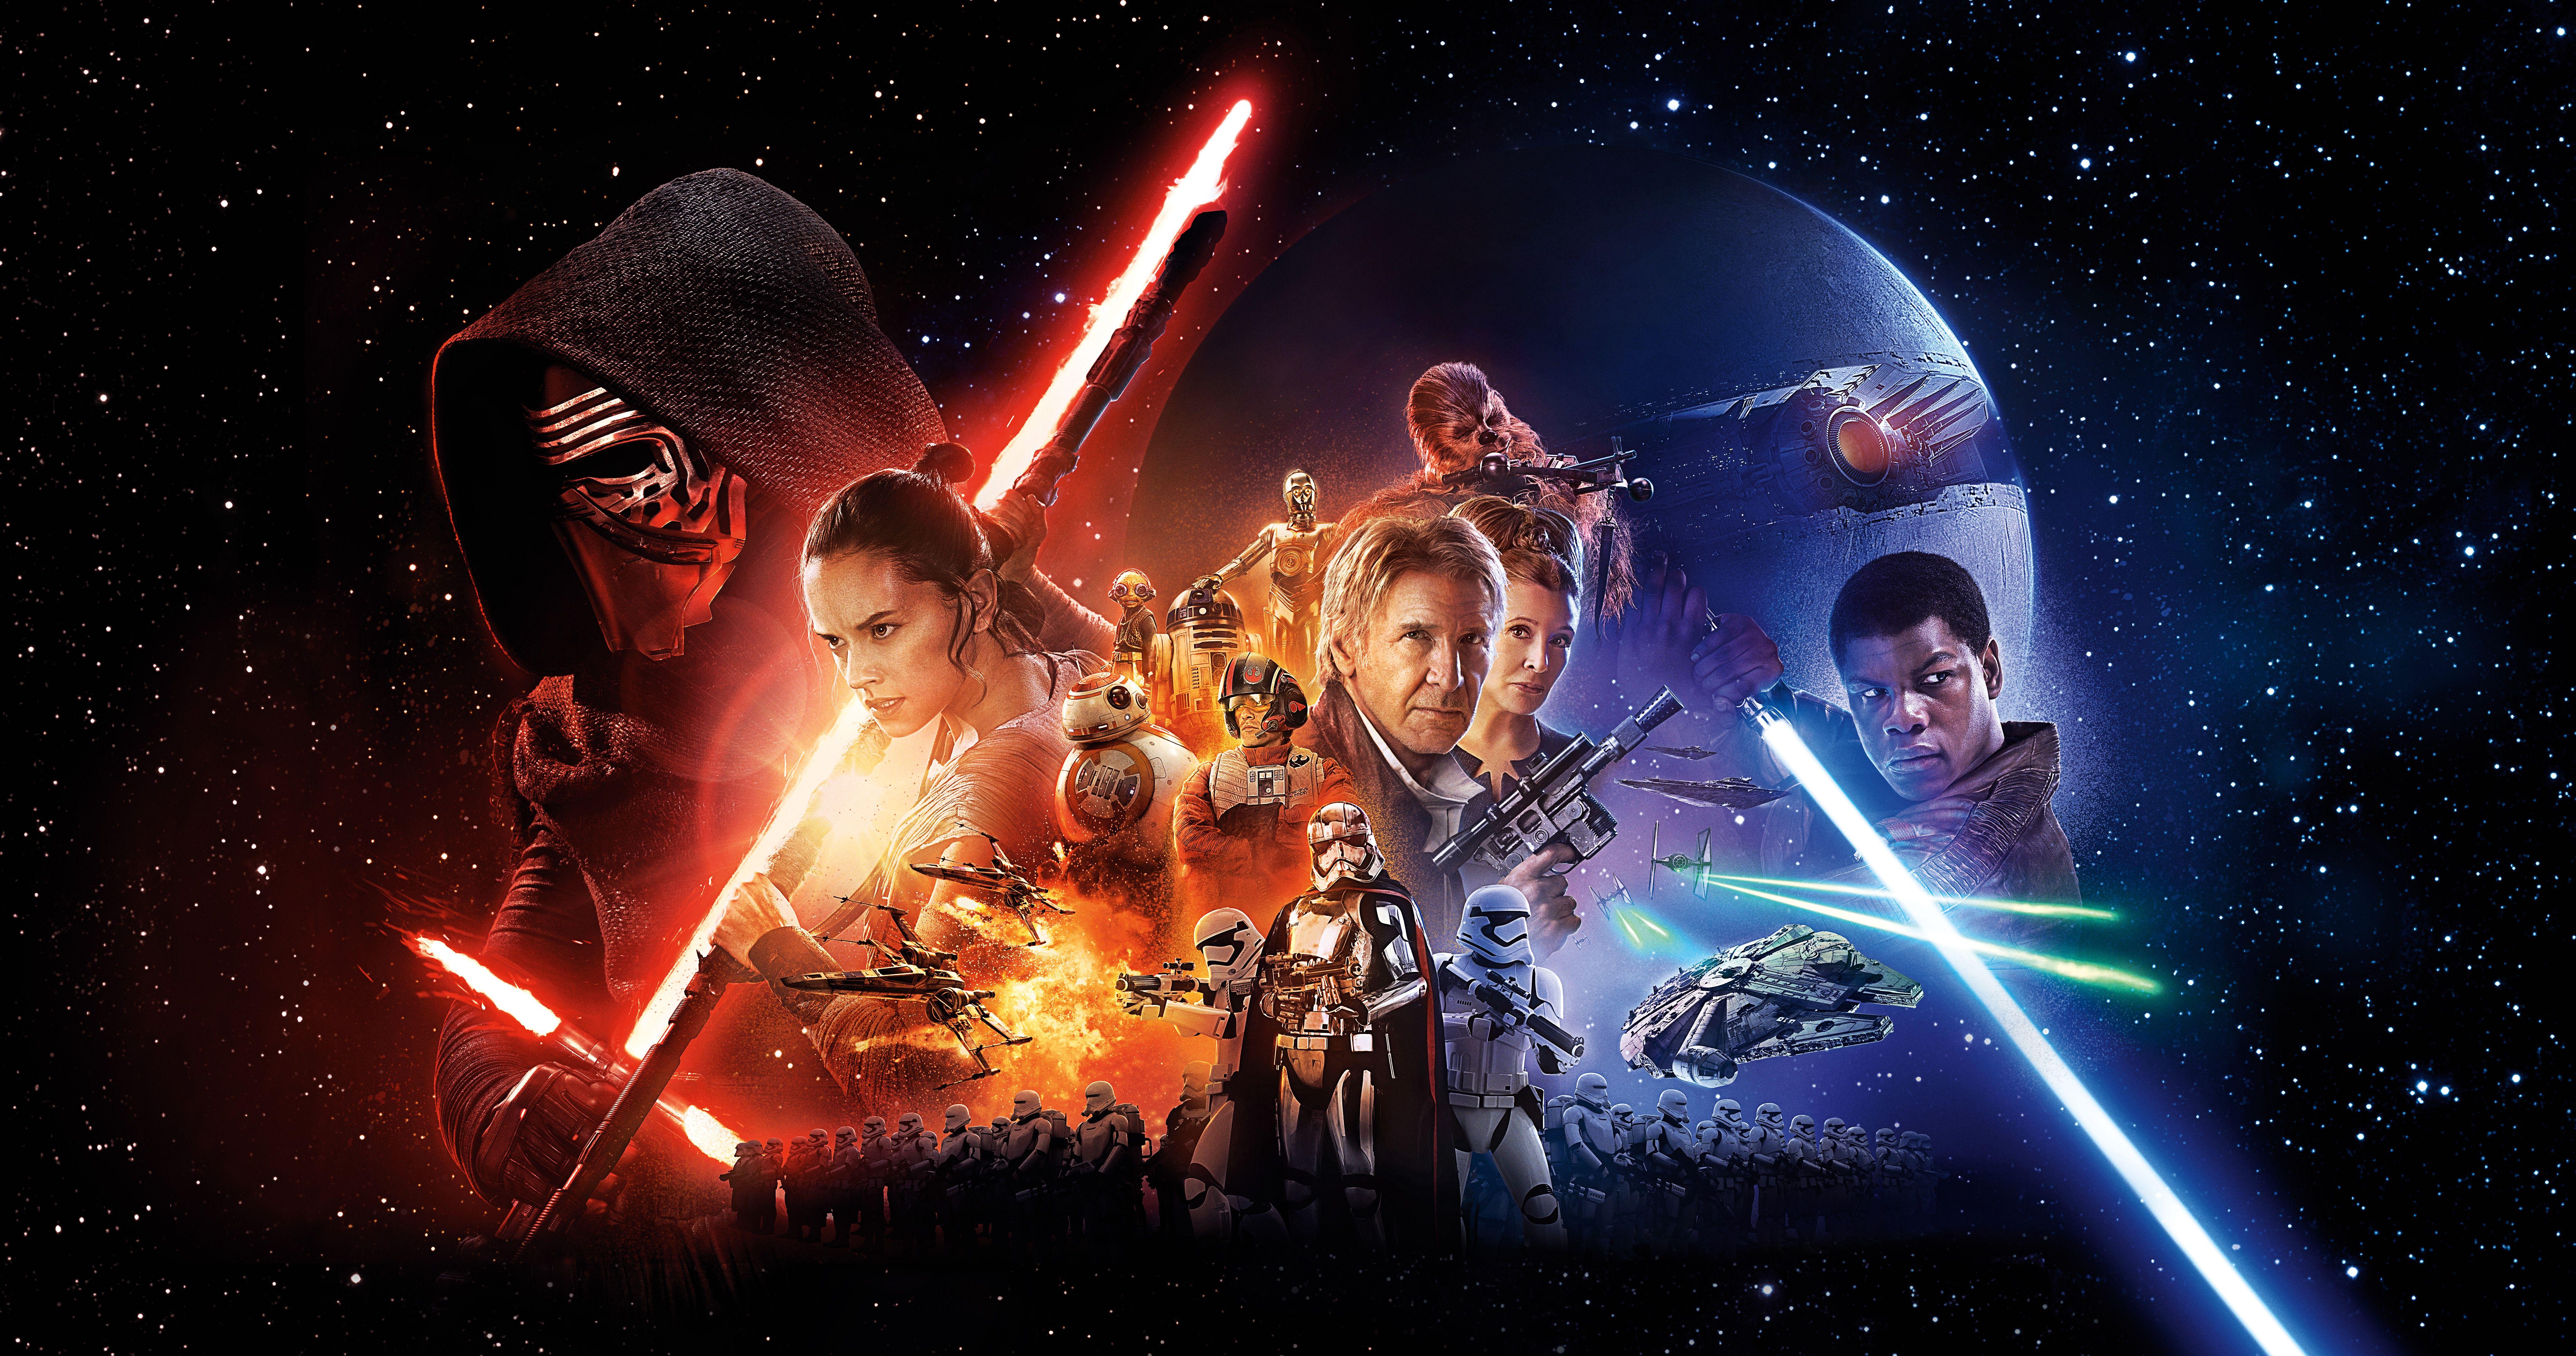 3840x1080 wallpaper star wars